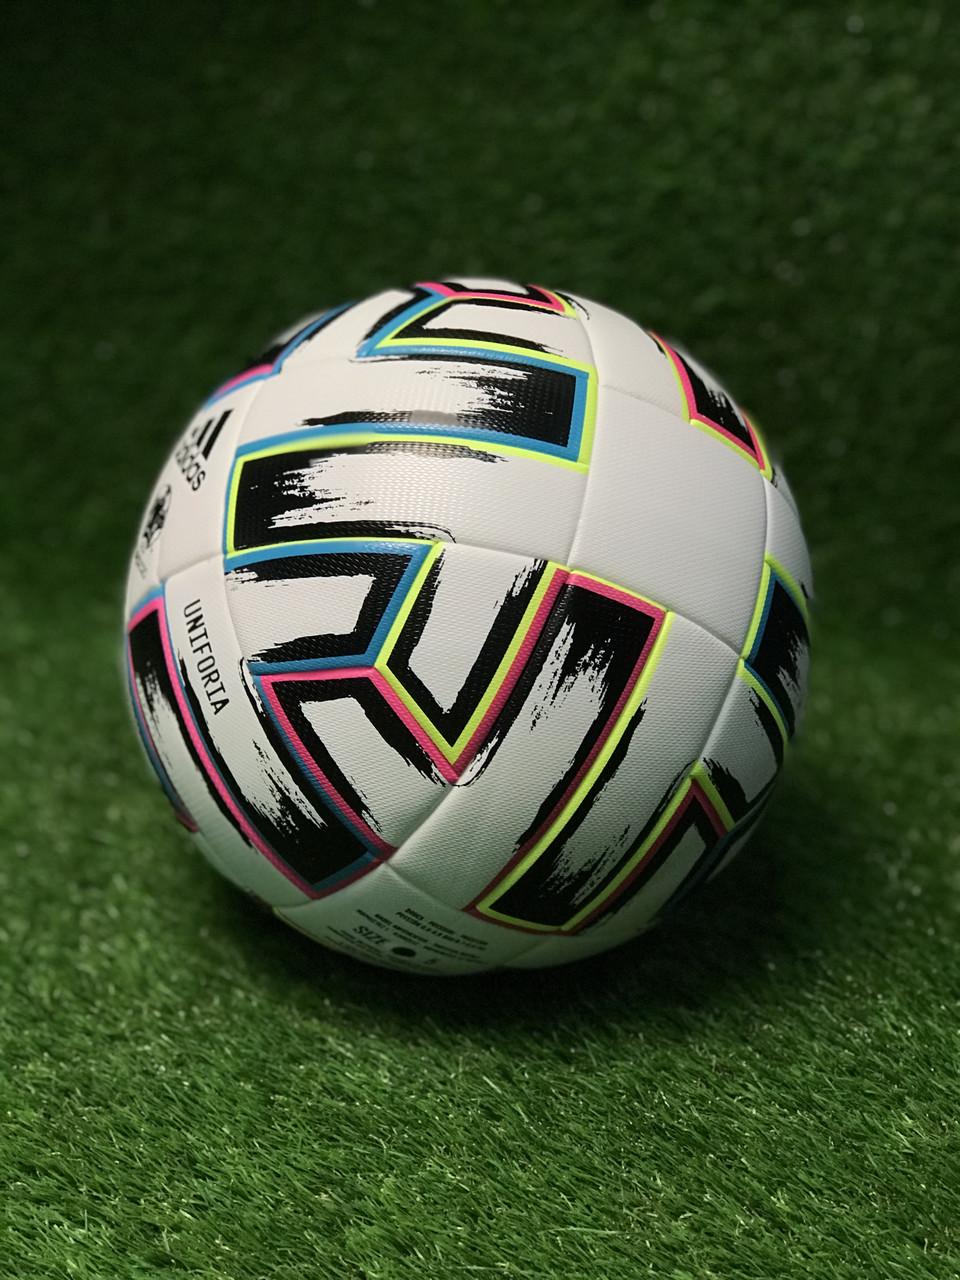 Футбольный мяч для игры в футбол спортивный игровой